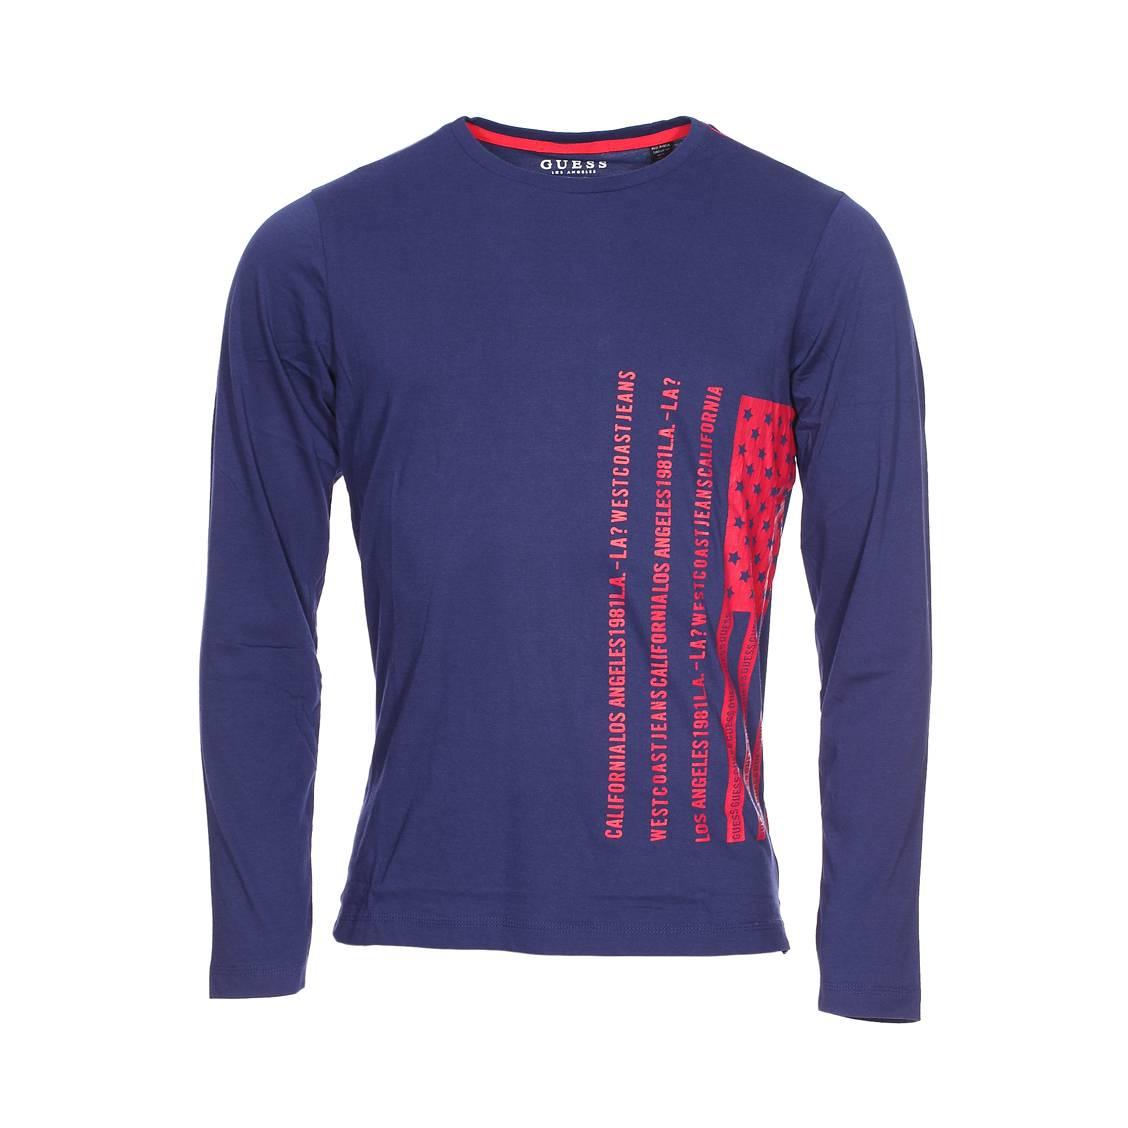 Tee-shirt manches longues col rond guess en coton bleu marine à imprimé drapeau américain